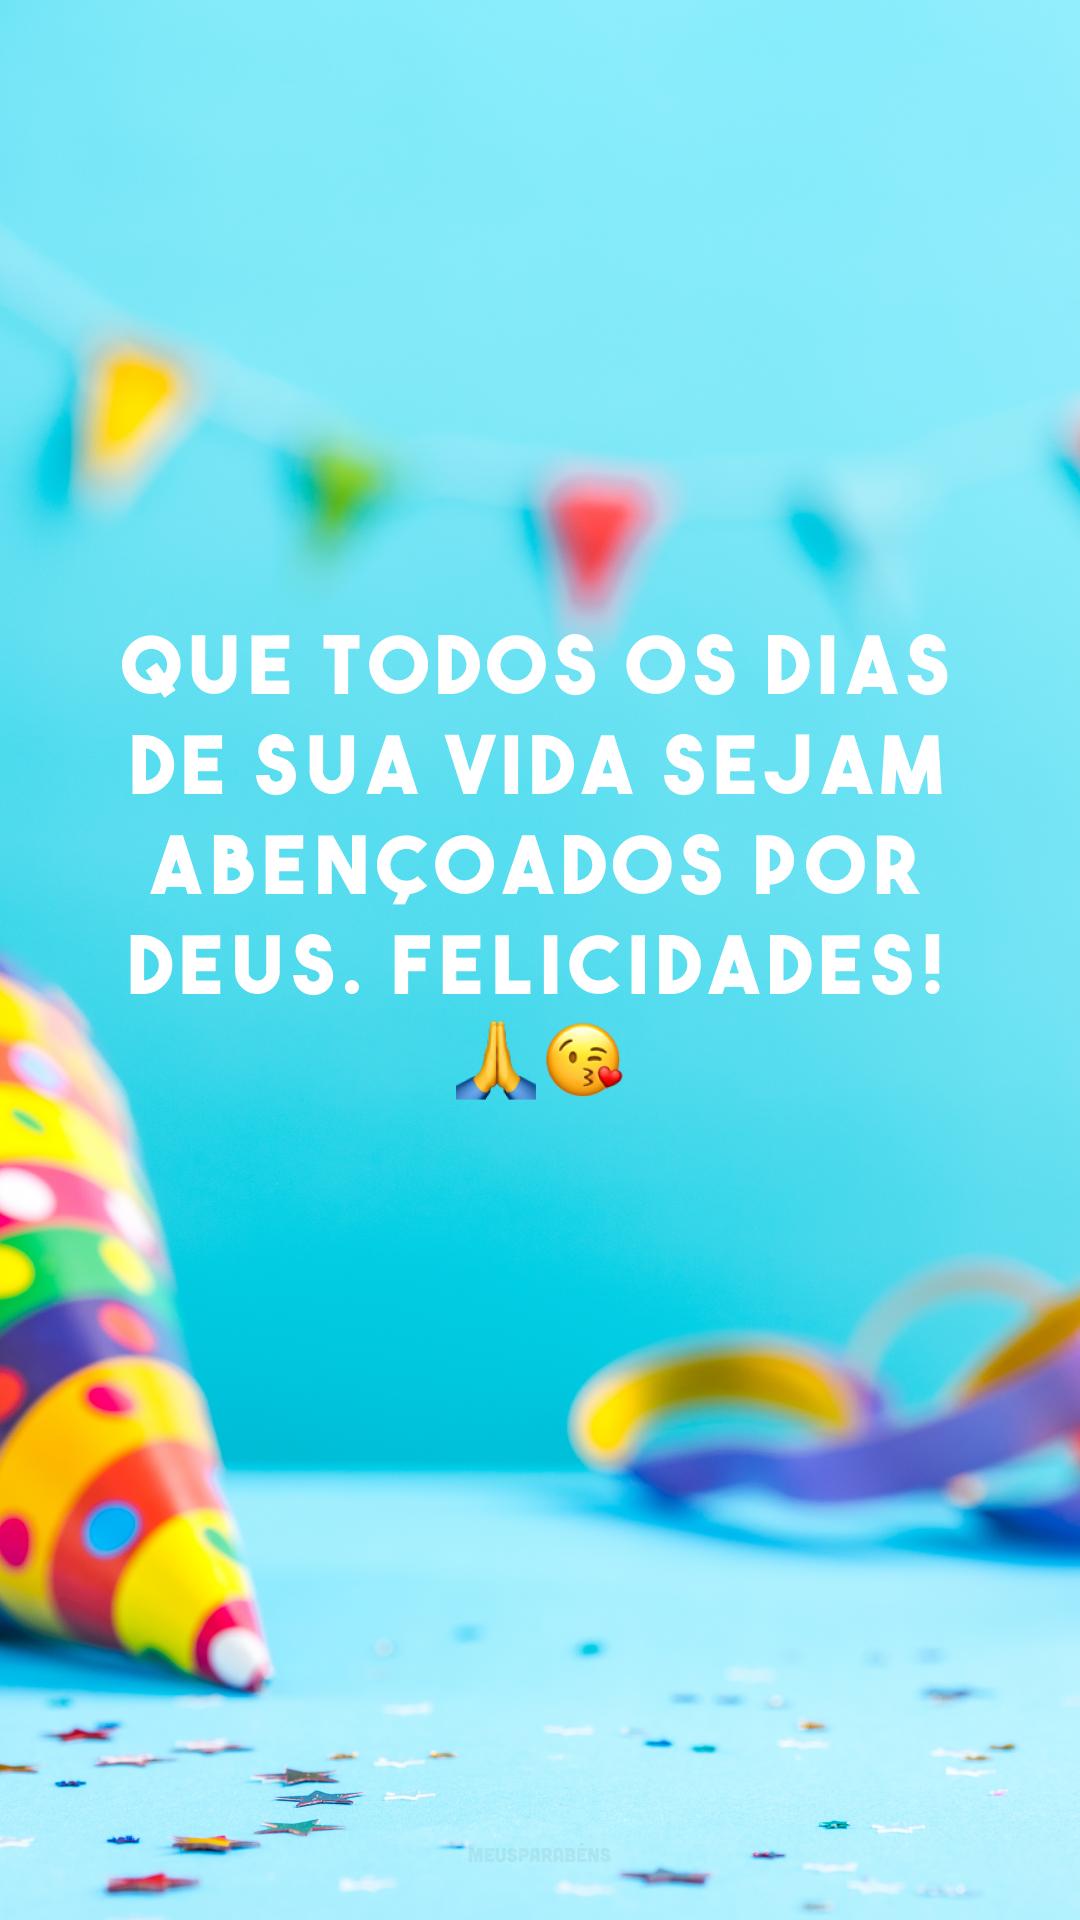 Que todos os dias de sua vida sejam abençoados por Deus. Felicidades! 🙏😘